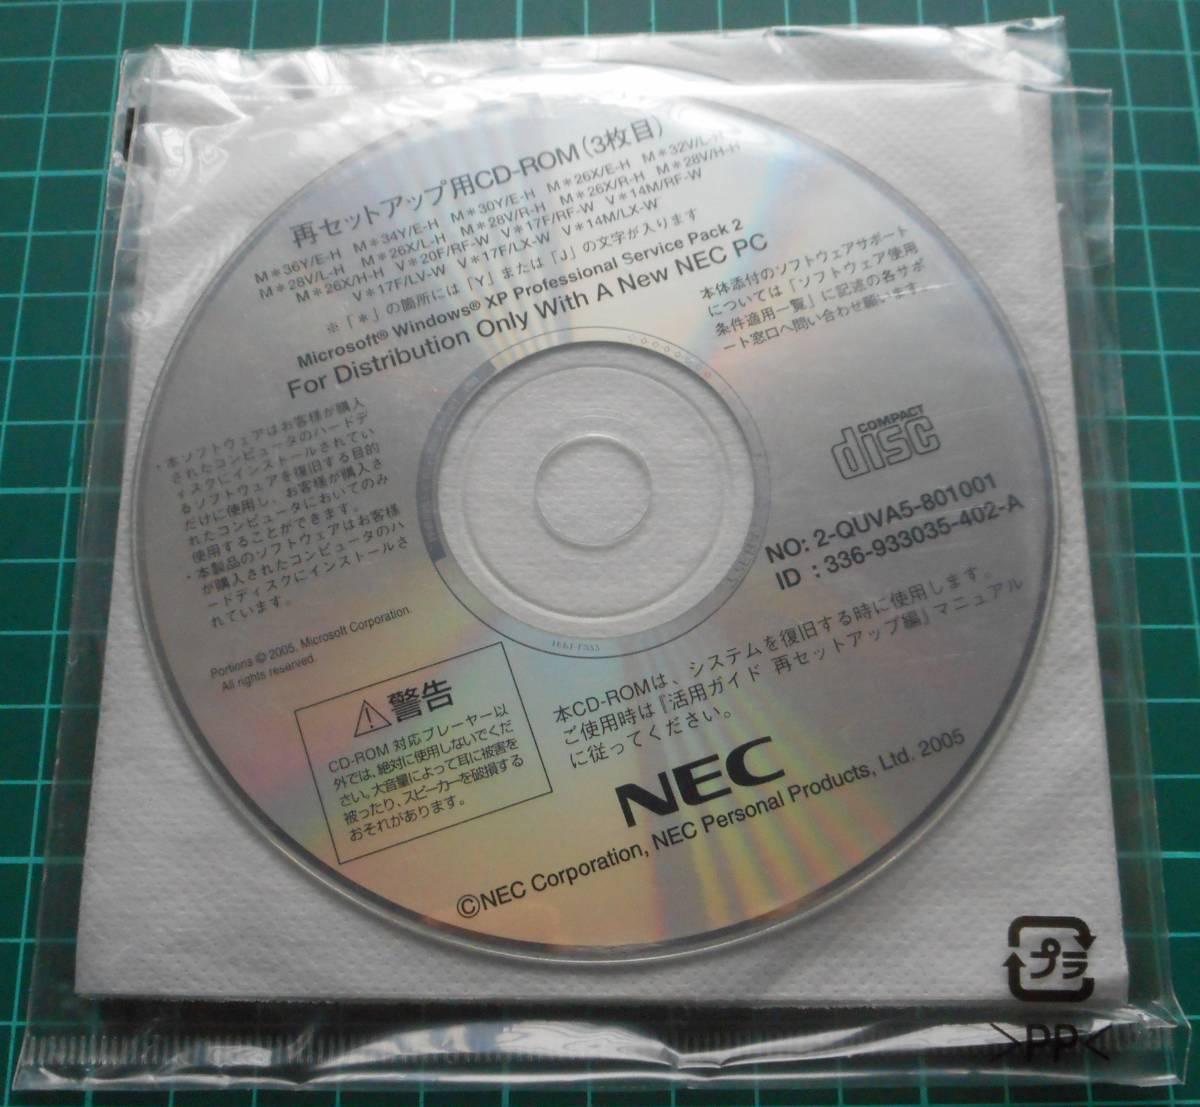 NEC 再セットアップCD-ROM 4枚組 未開封 中古(管17)_画像5